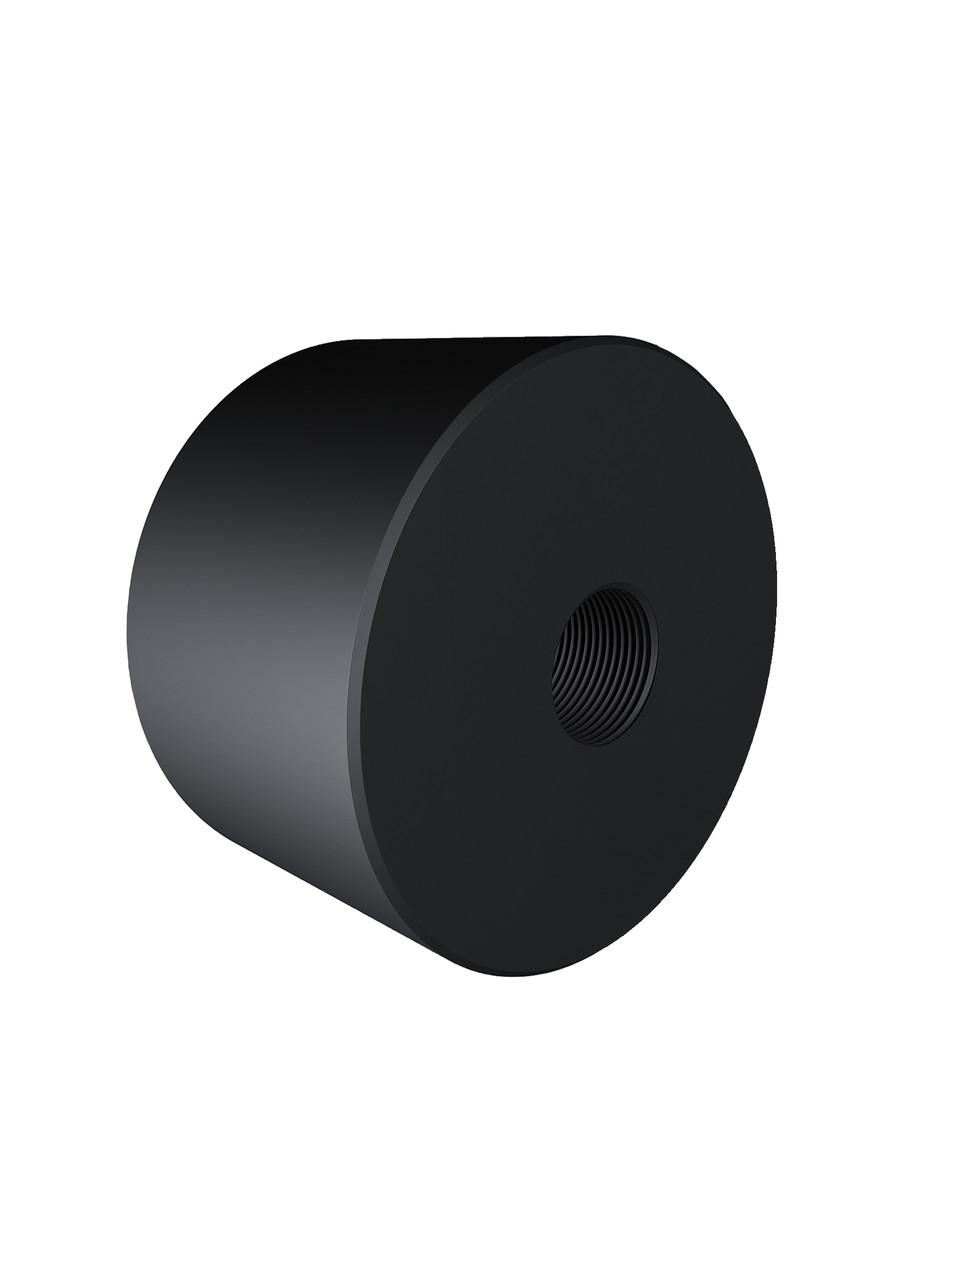 ODF-06-26-21-L25 Дистанція 25 мм для коннектора діаметром 40 мм з різьбою М10 чорний